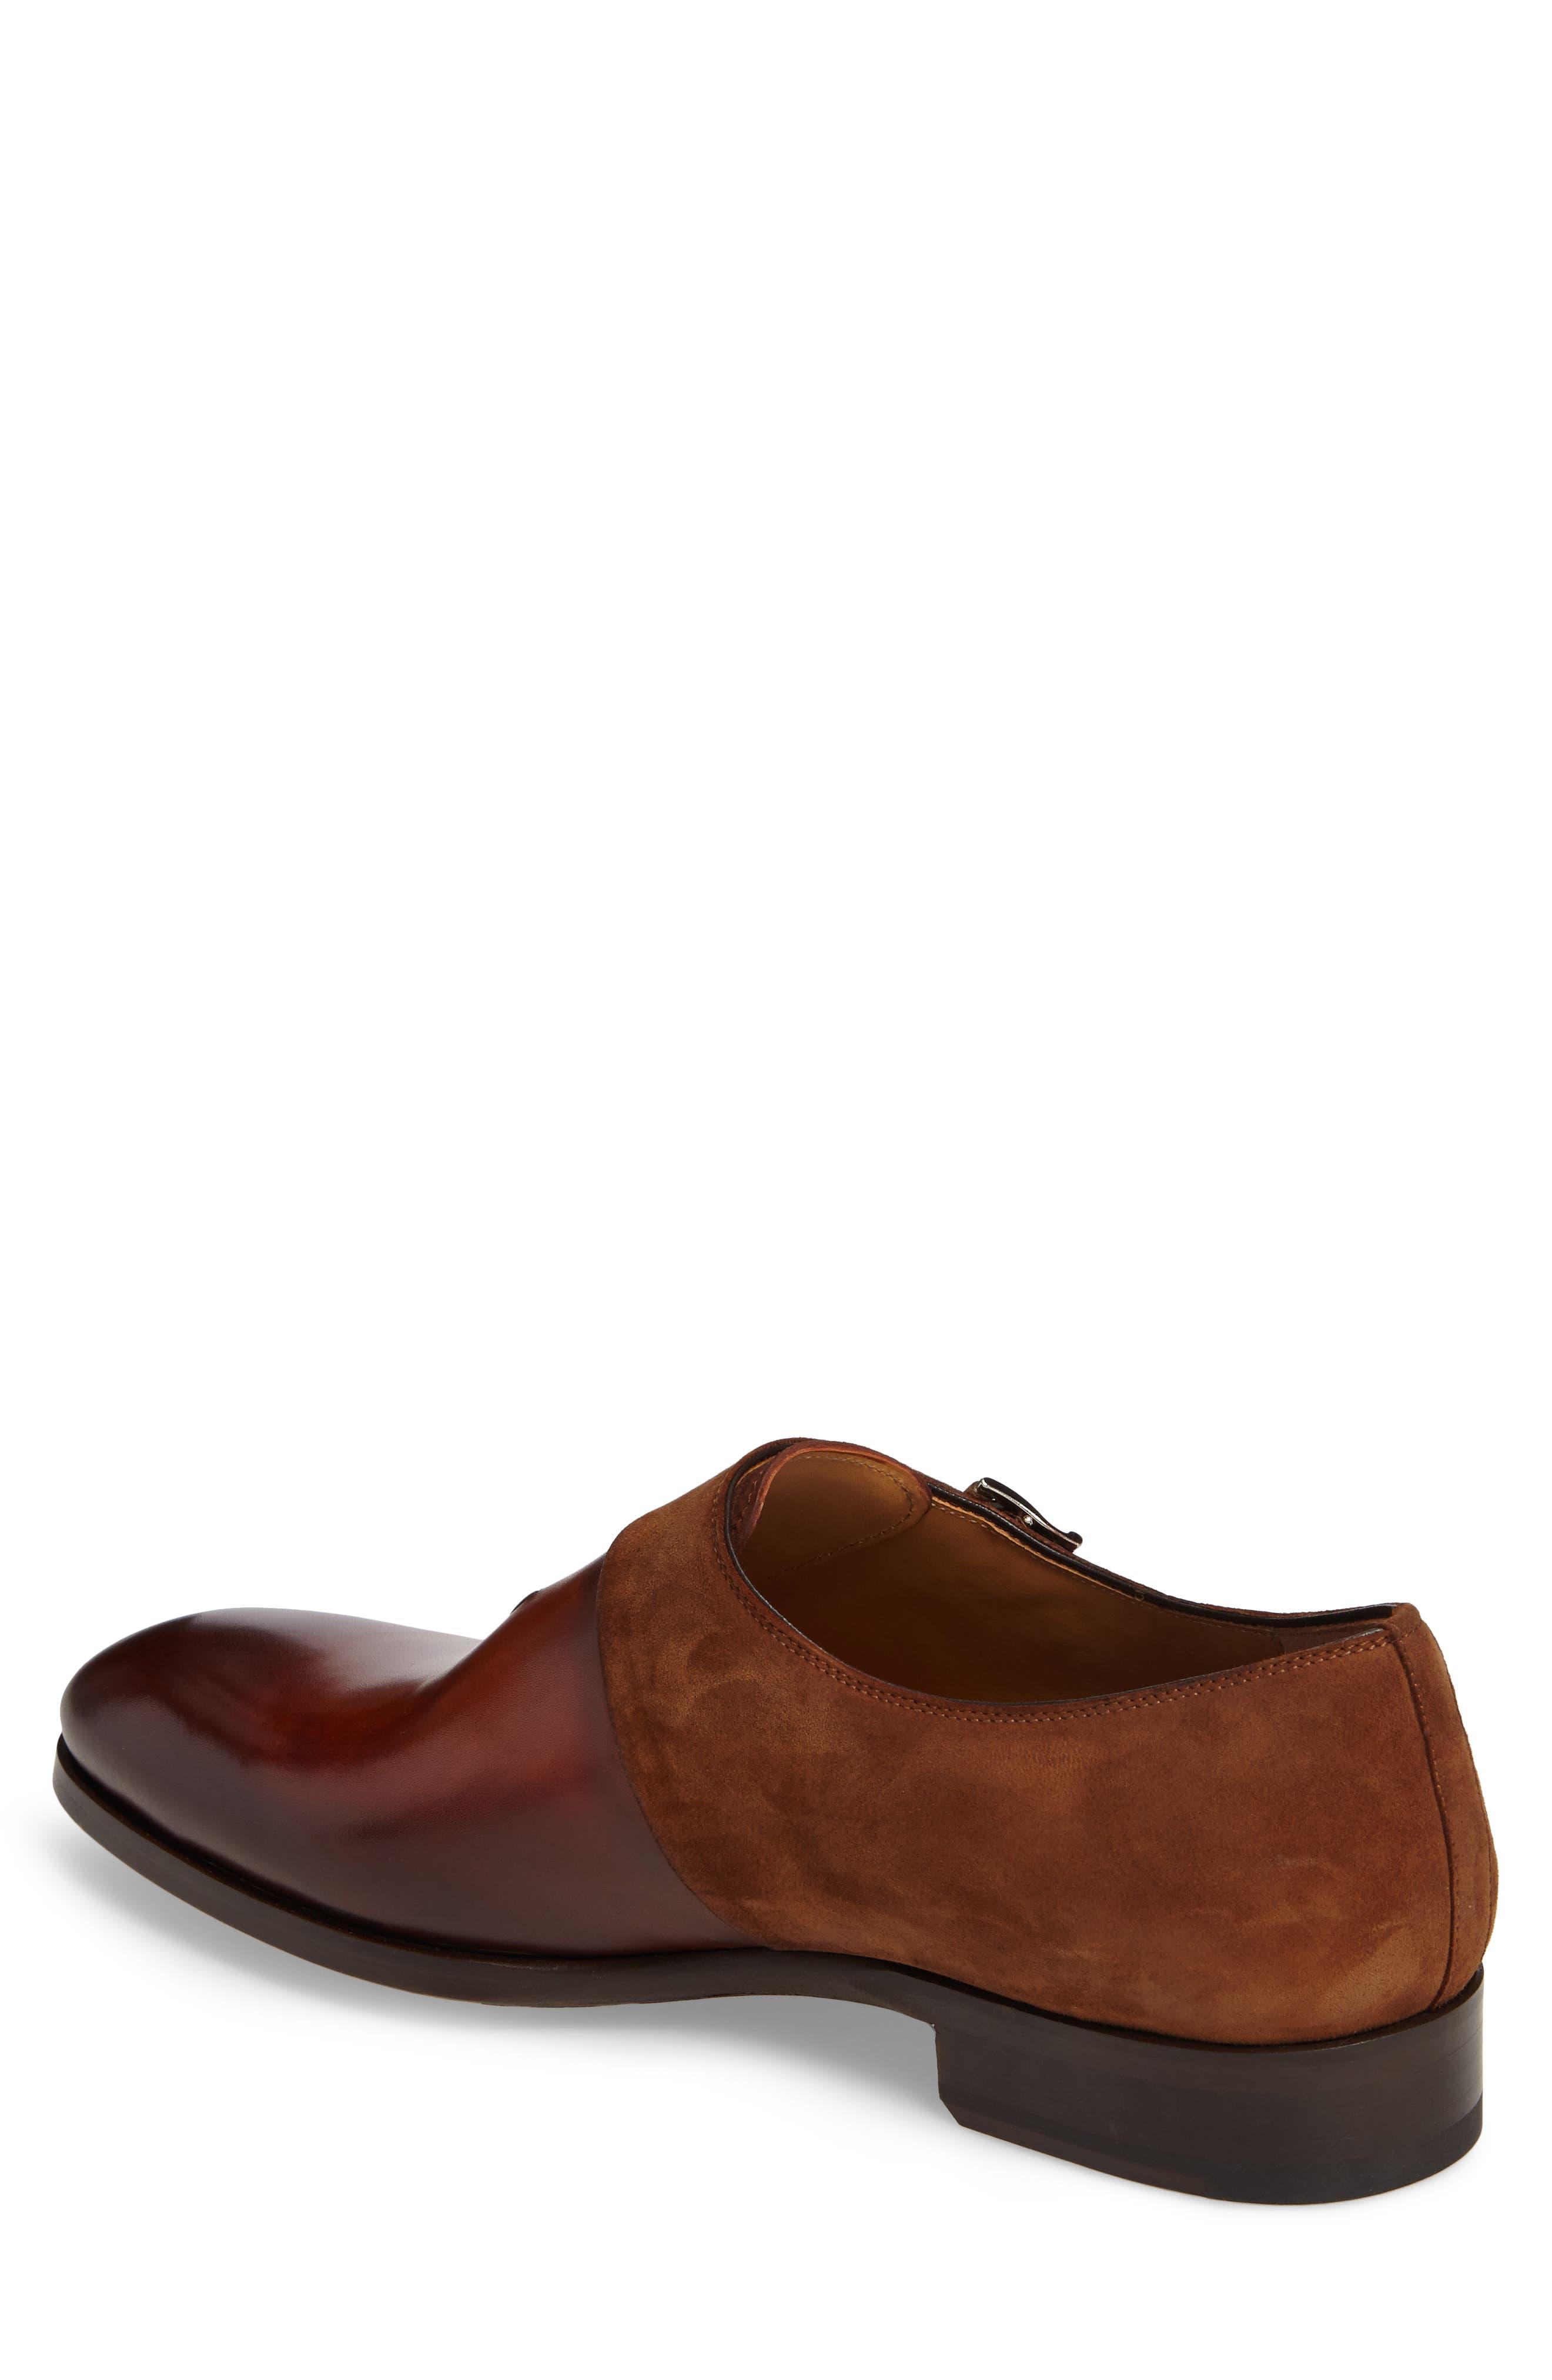 Orville Double Monk Strap Shoe,                             Alternate thumbnail 2, color,                             219